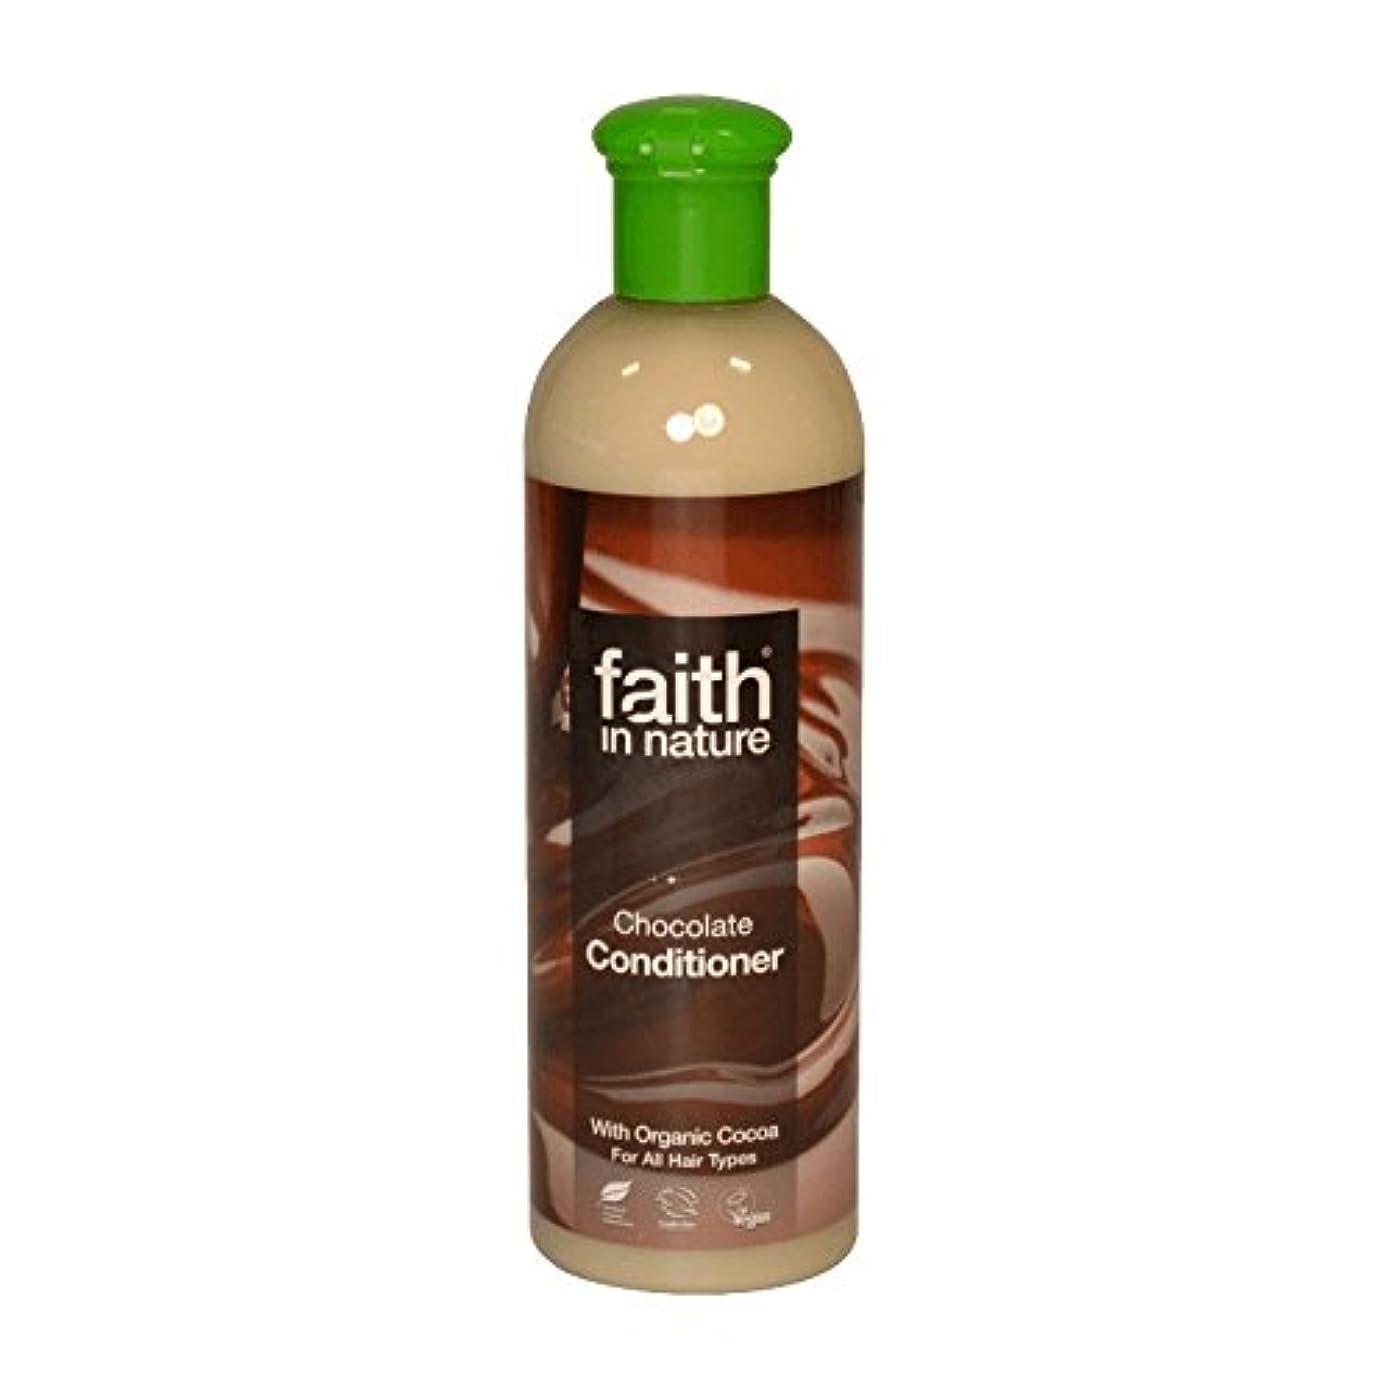 覆す必需品ただやる自然チョコレートコンディショナー400ミリリットルの信仰 - Faith In Nature Chocolate Conditioner 400ml (Faith in Nature) [並行輸入品]